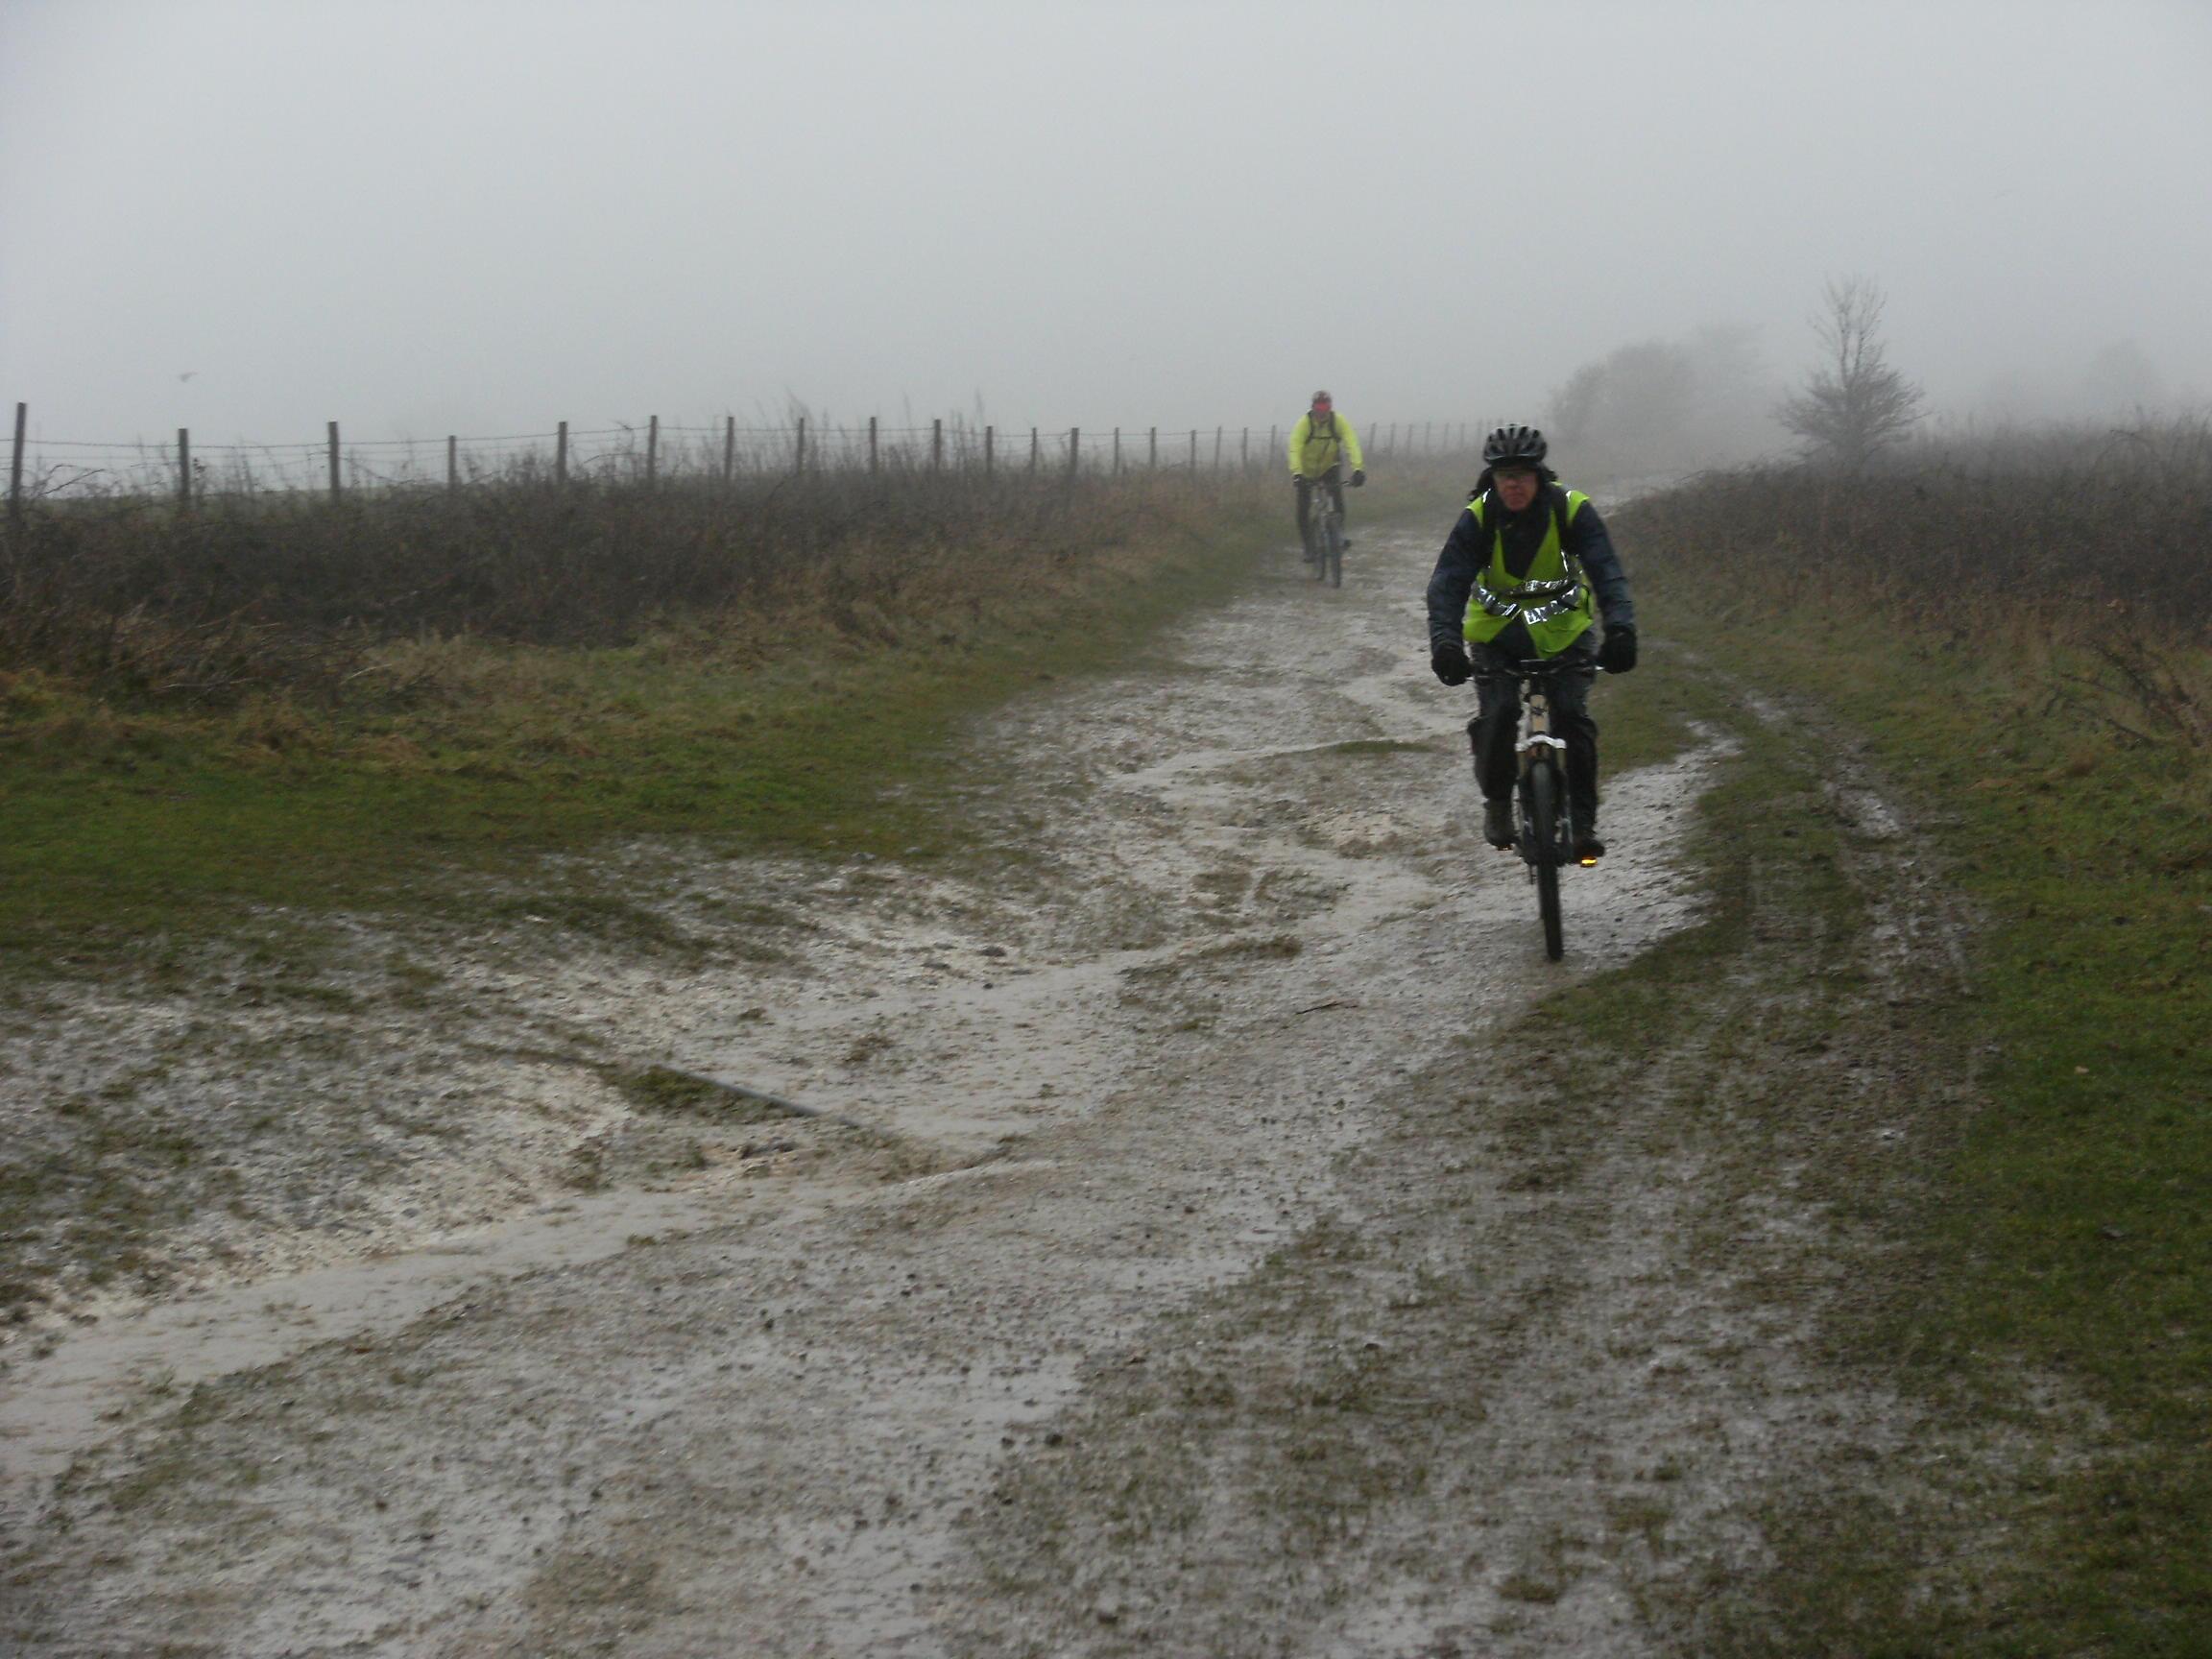 AM and ZA descend Chanctonbury